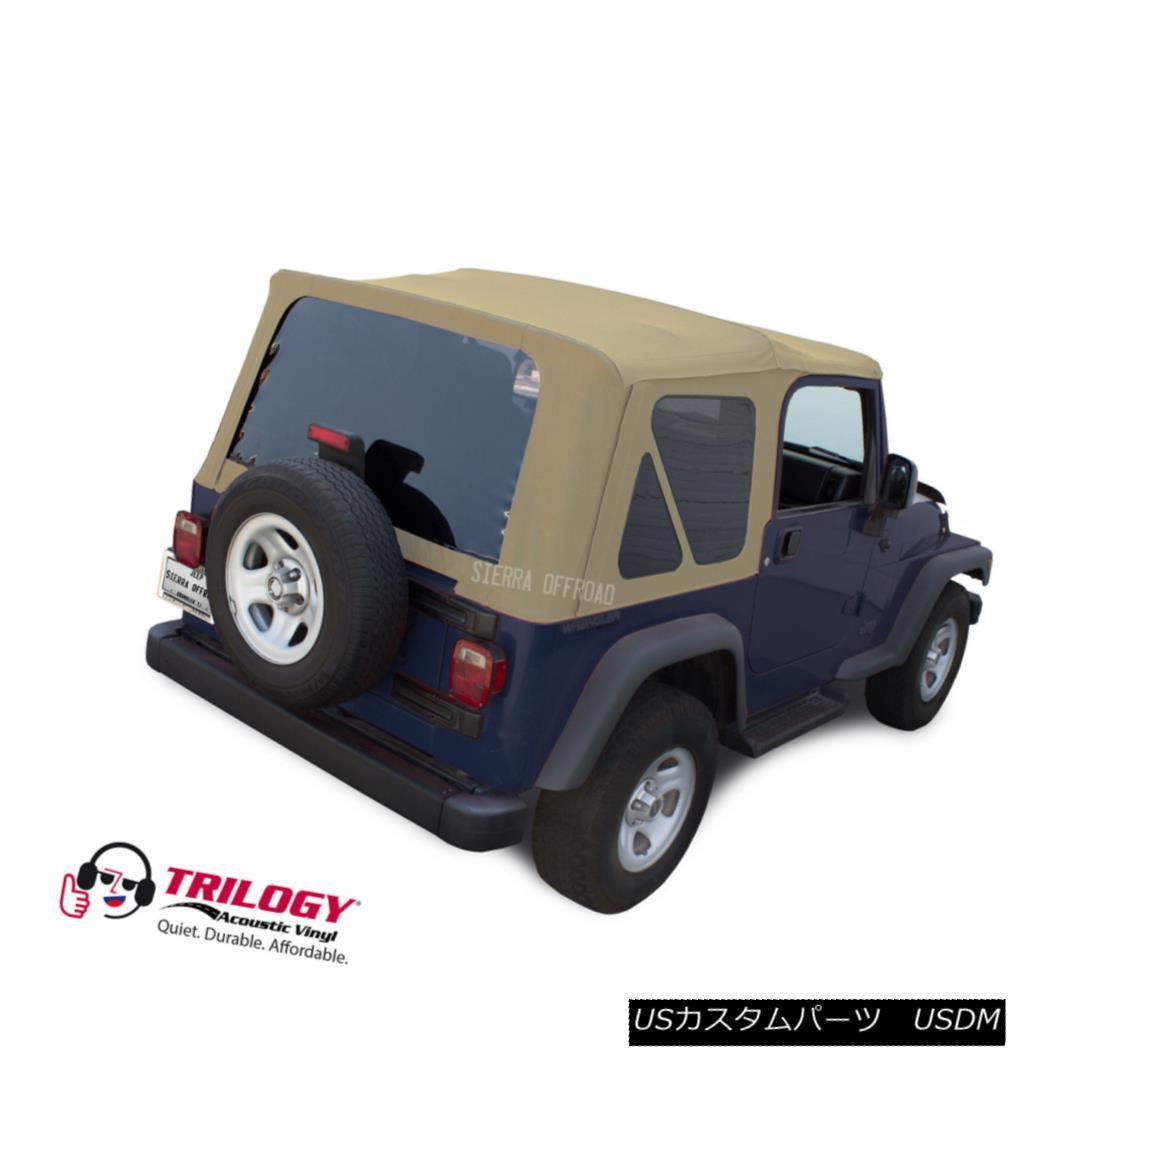 幌・ソフトトップ Jeep Wrangler TJ Soft Top (2003-2006) Tinted Windows, Camel Twill Vinyl ジープラングラーTJソフトトップ(2003-2006)は、Windows、キャメルツイルビニールを着色